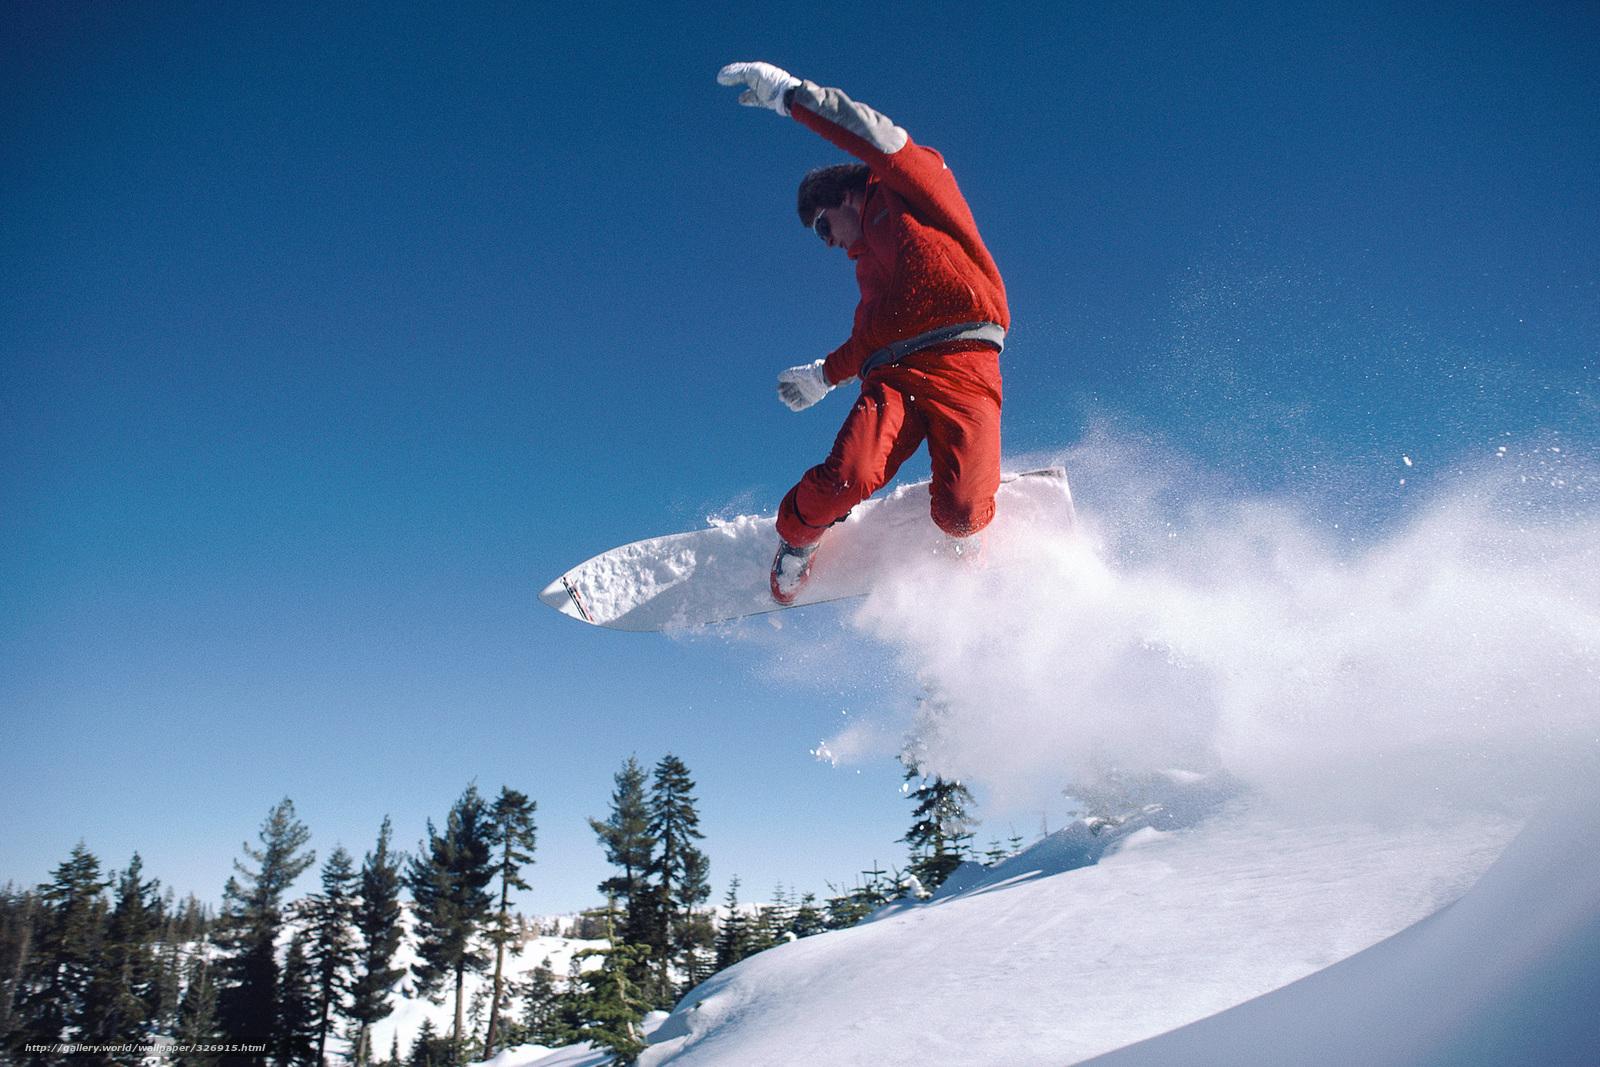 Скачать обои снег,   сноуборд,   гора,   лес. бесплатно для рабочего стола в разрешении 2100x1400 — картинка №326915